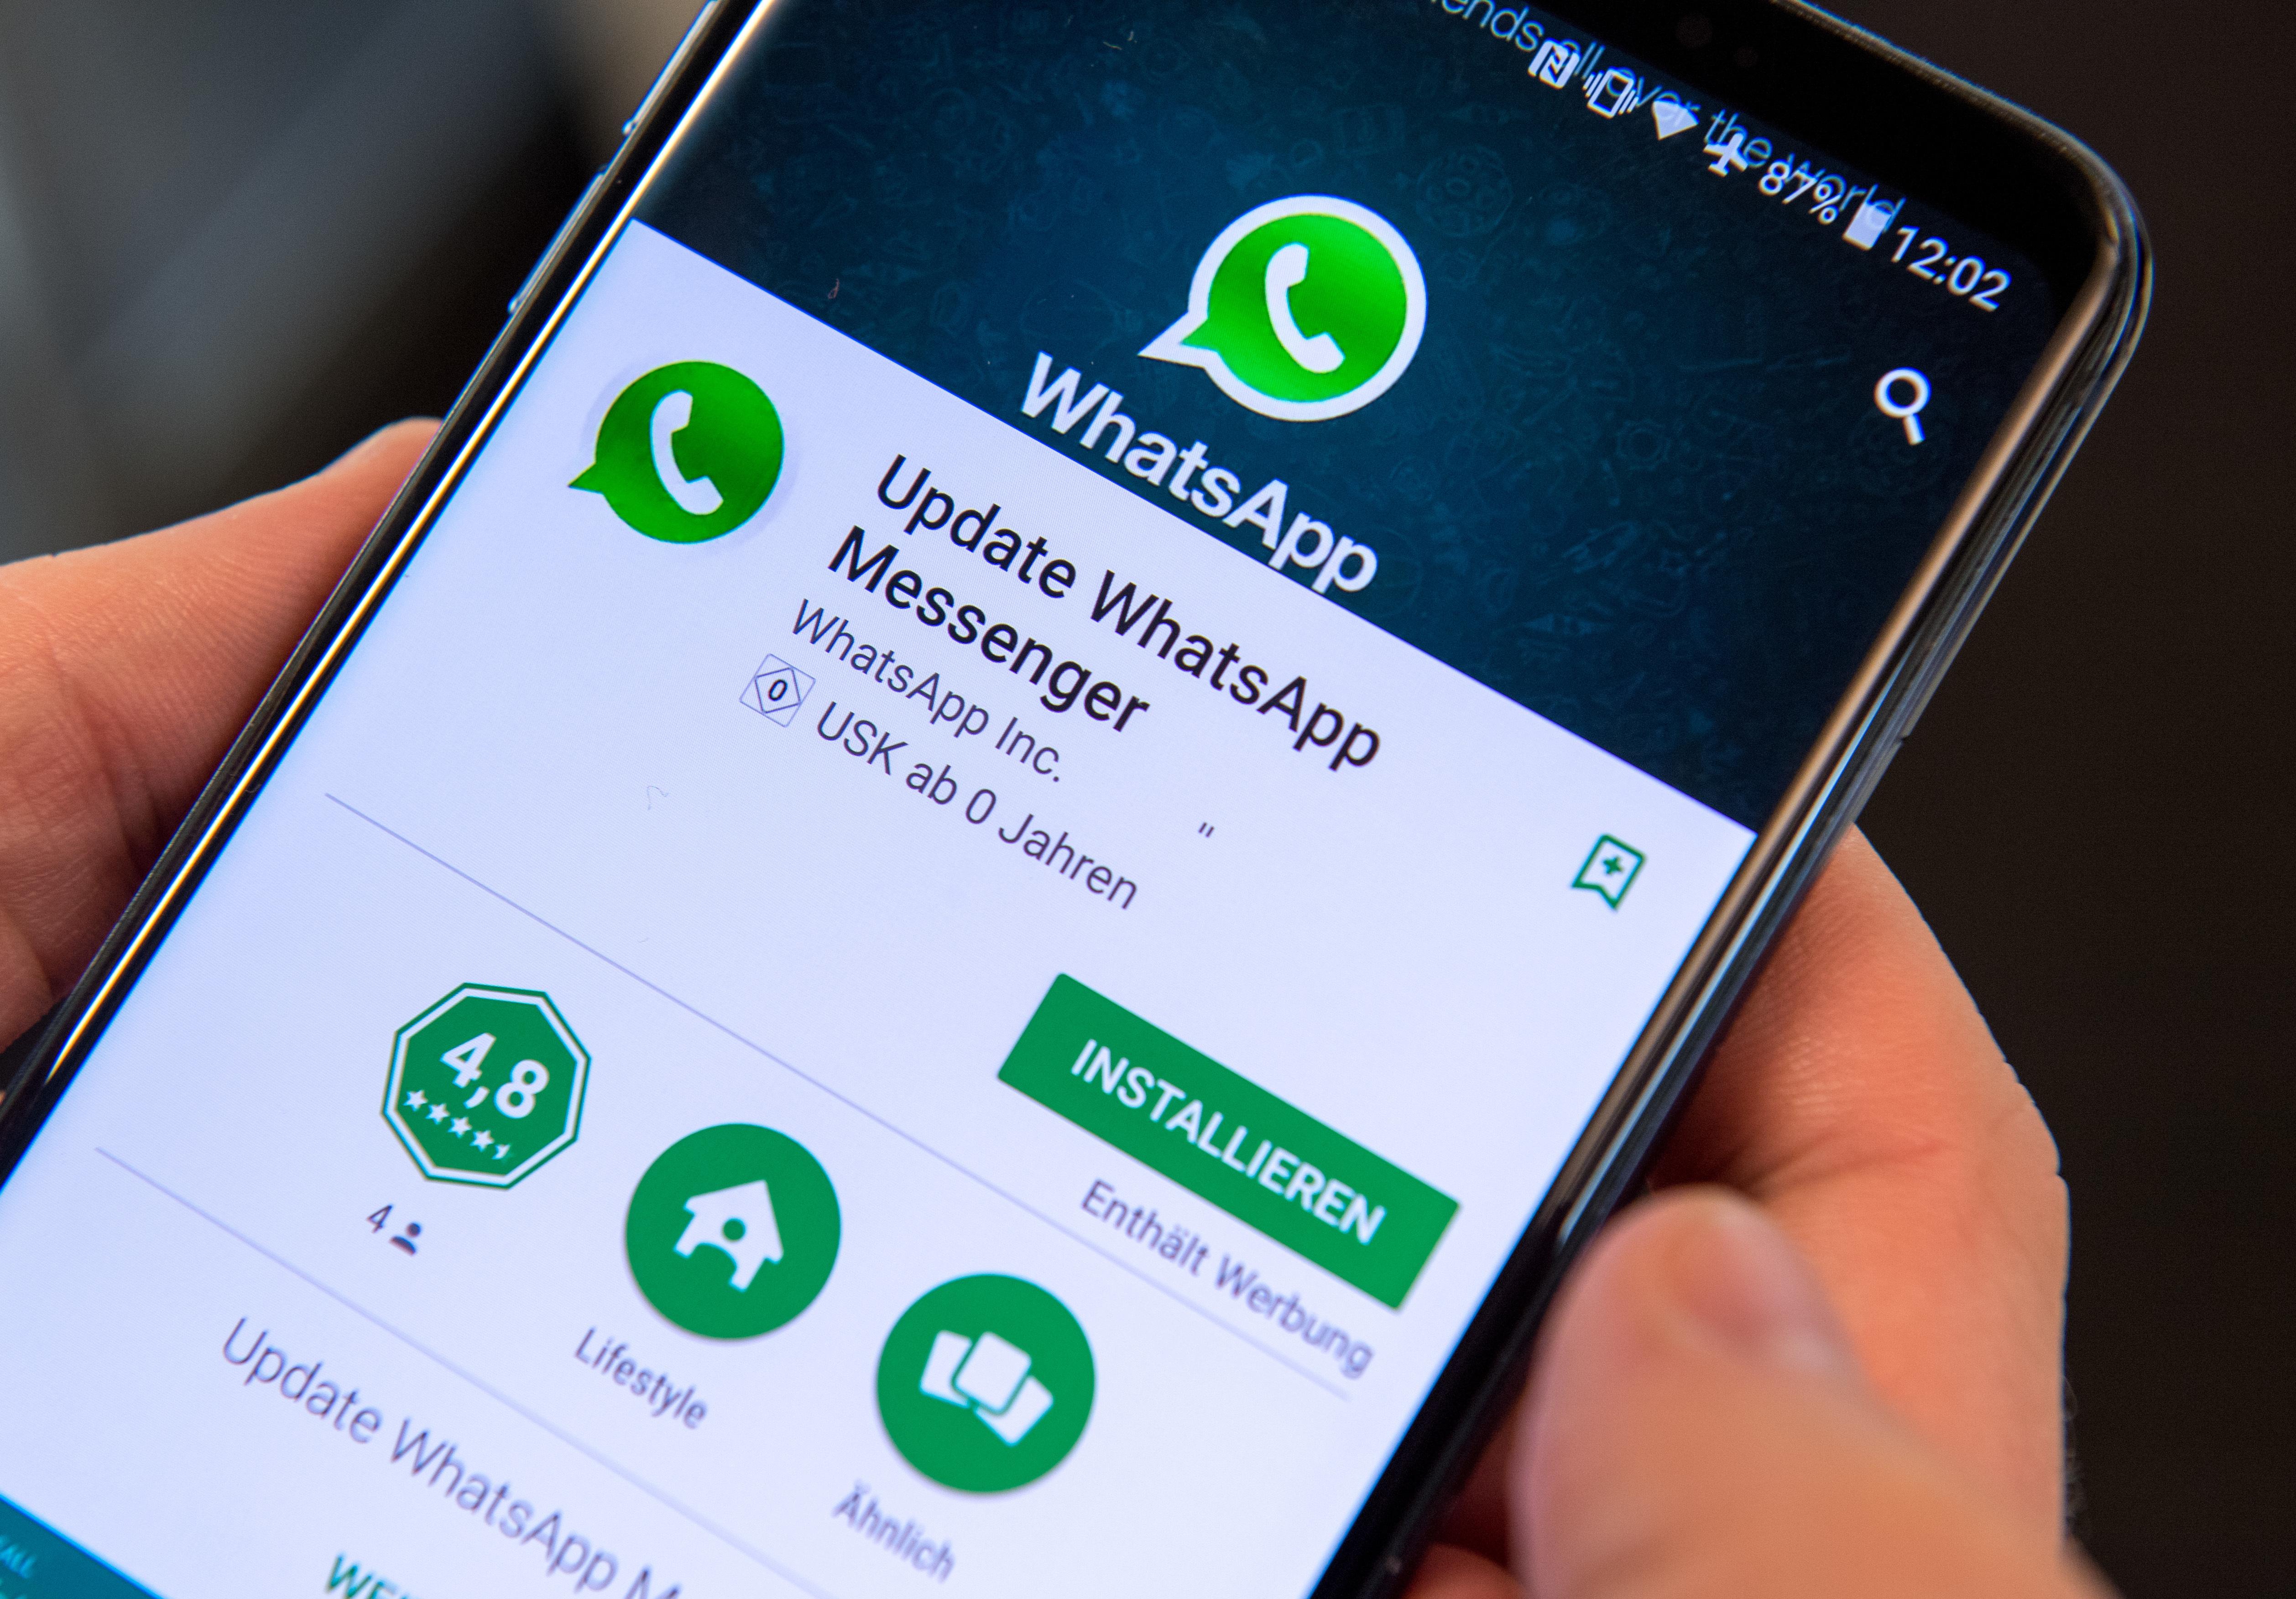 WhatsApp-Nachrichten über WLAN können mitgelesen werden « IT-Runde